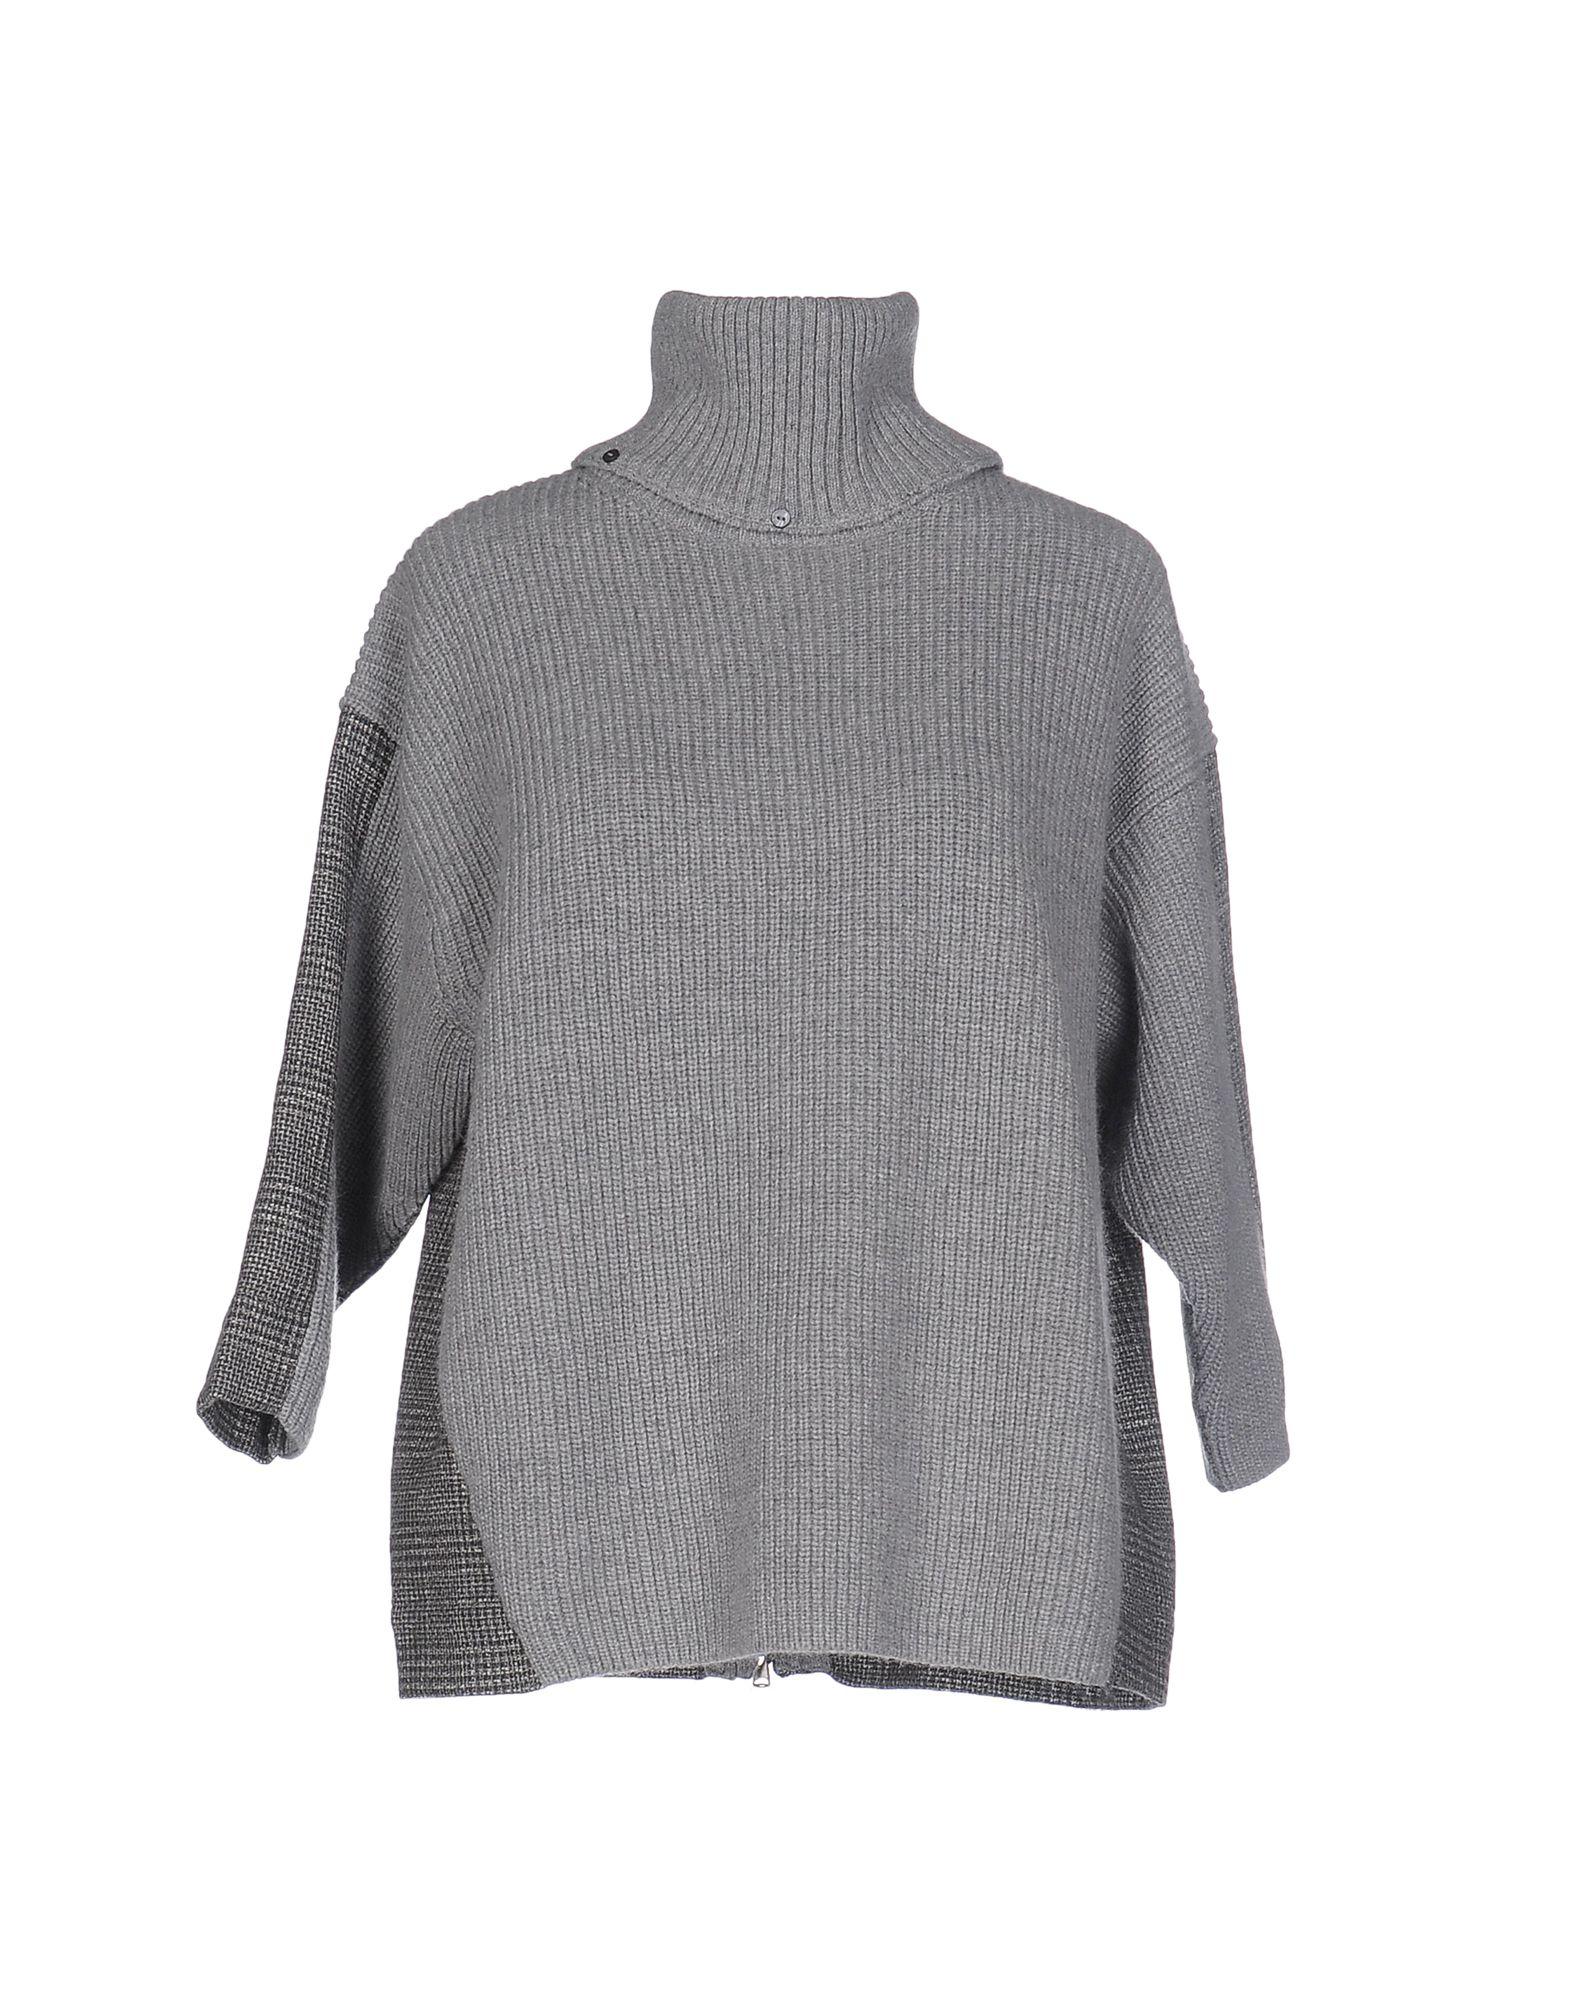 Pullover Zanone Donna - Acquista online su BFuLKg